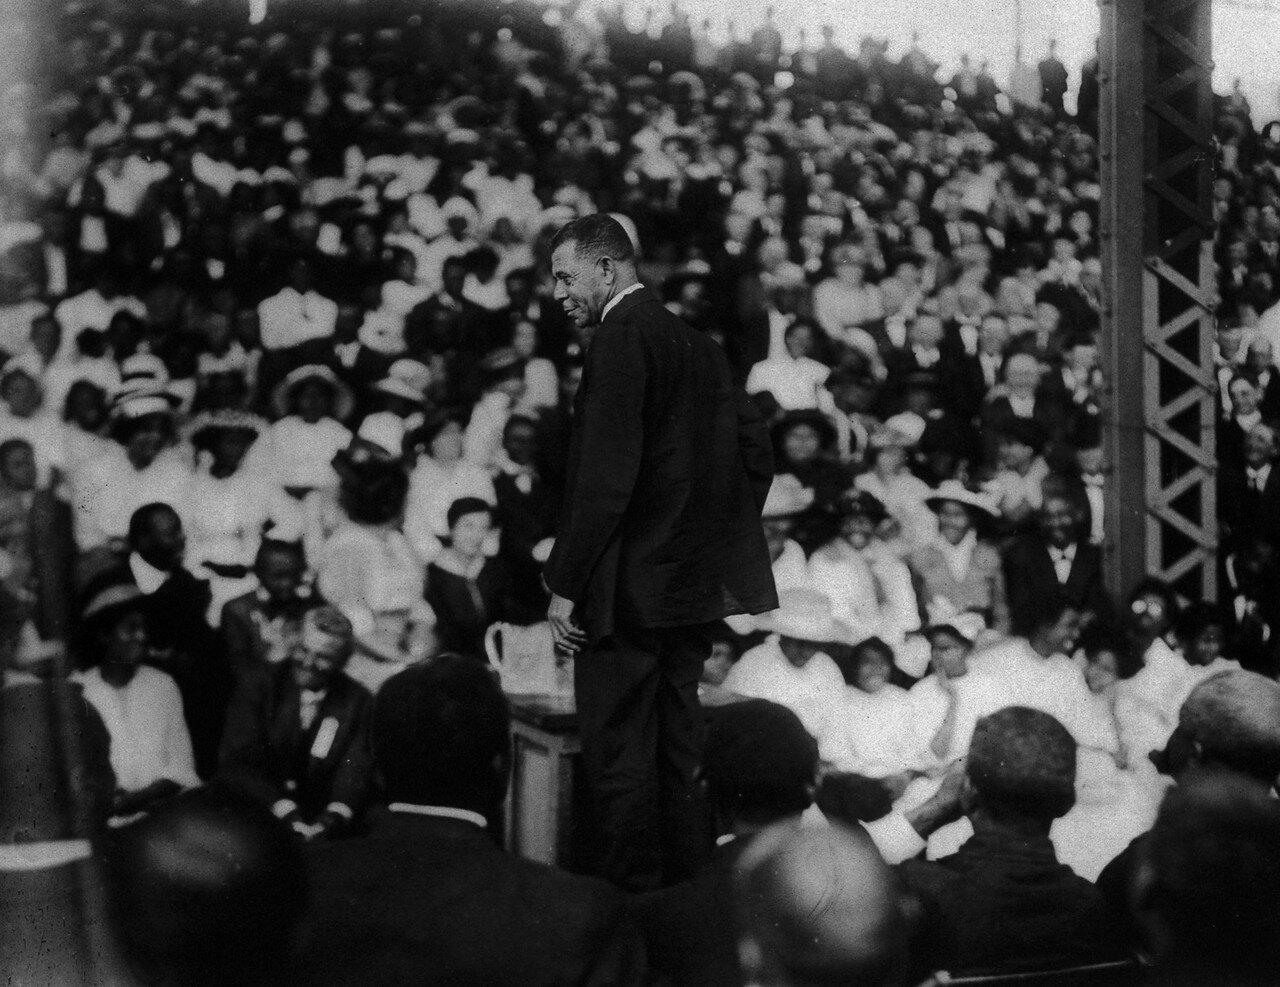 1915. Букер Талиафер Вашингтон, борец за просвещение американских негров в Шривпорте, Луизиана